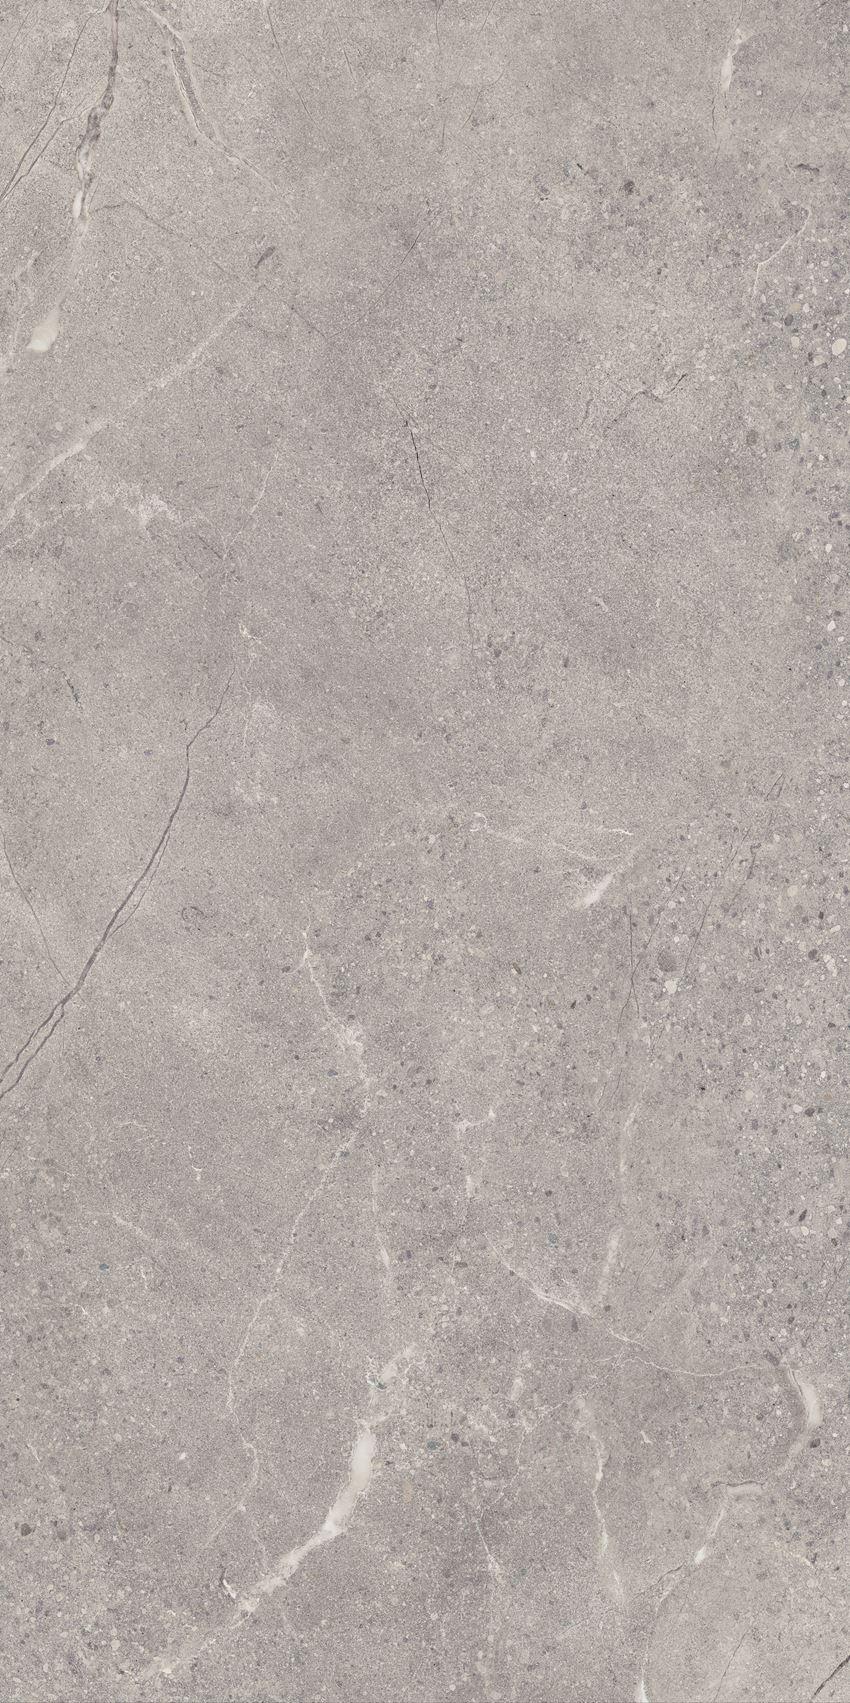 Płytka ścienno-podłogowa 59,8x119,8 cm Paradyż Sunnydust Grys